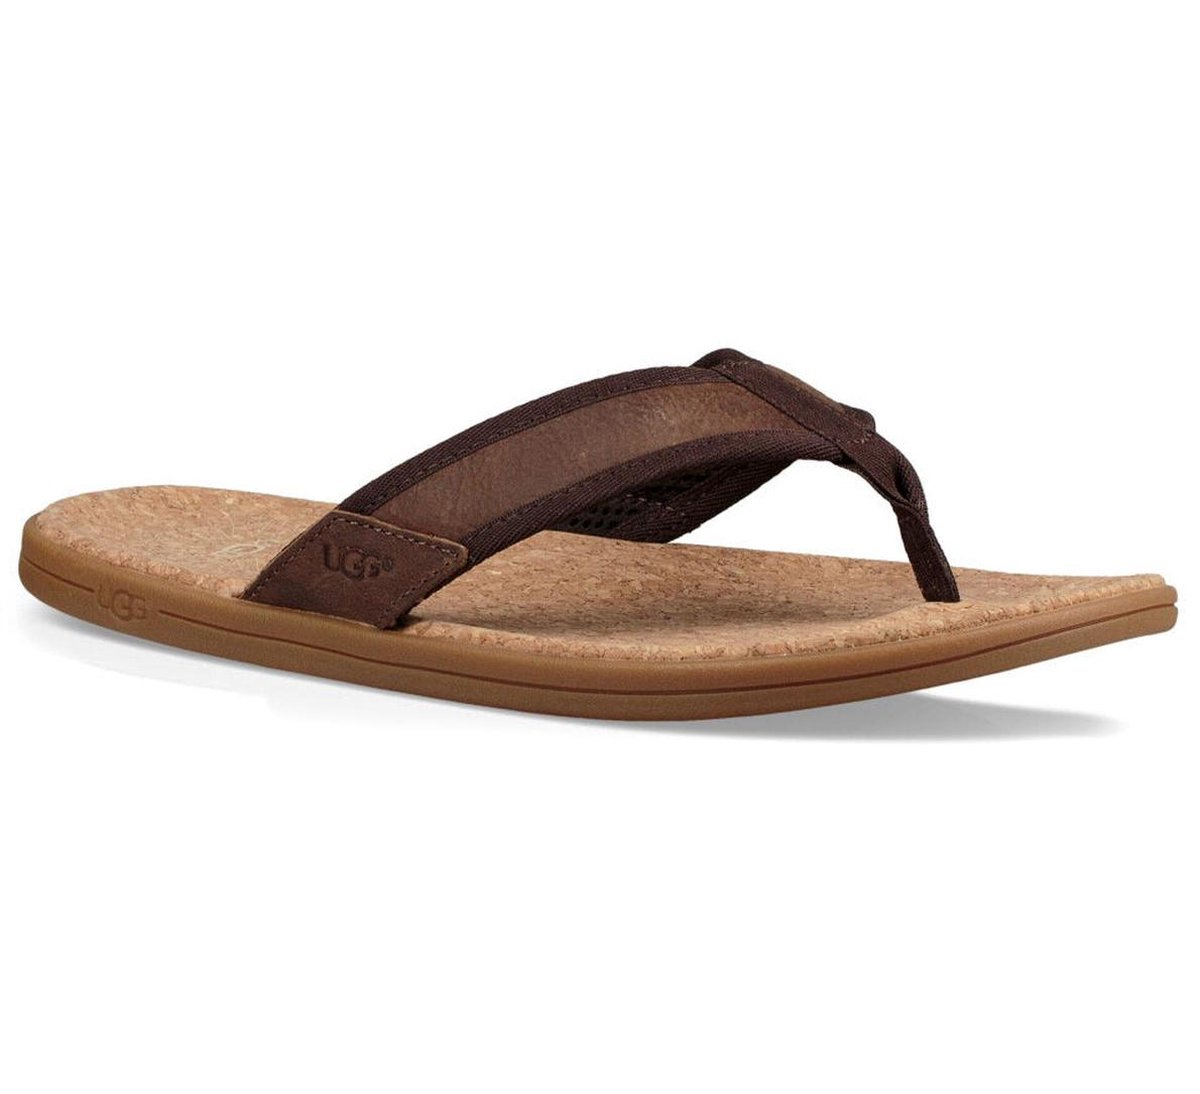 UGG Slippers - Maat 44--CONVERTMannenKinderen en volwassenen - bruin Slippers